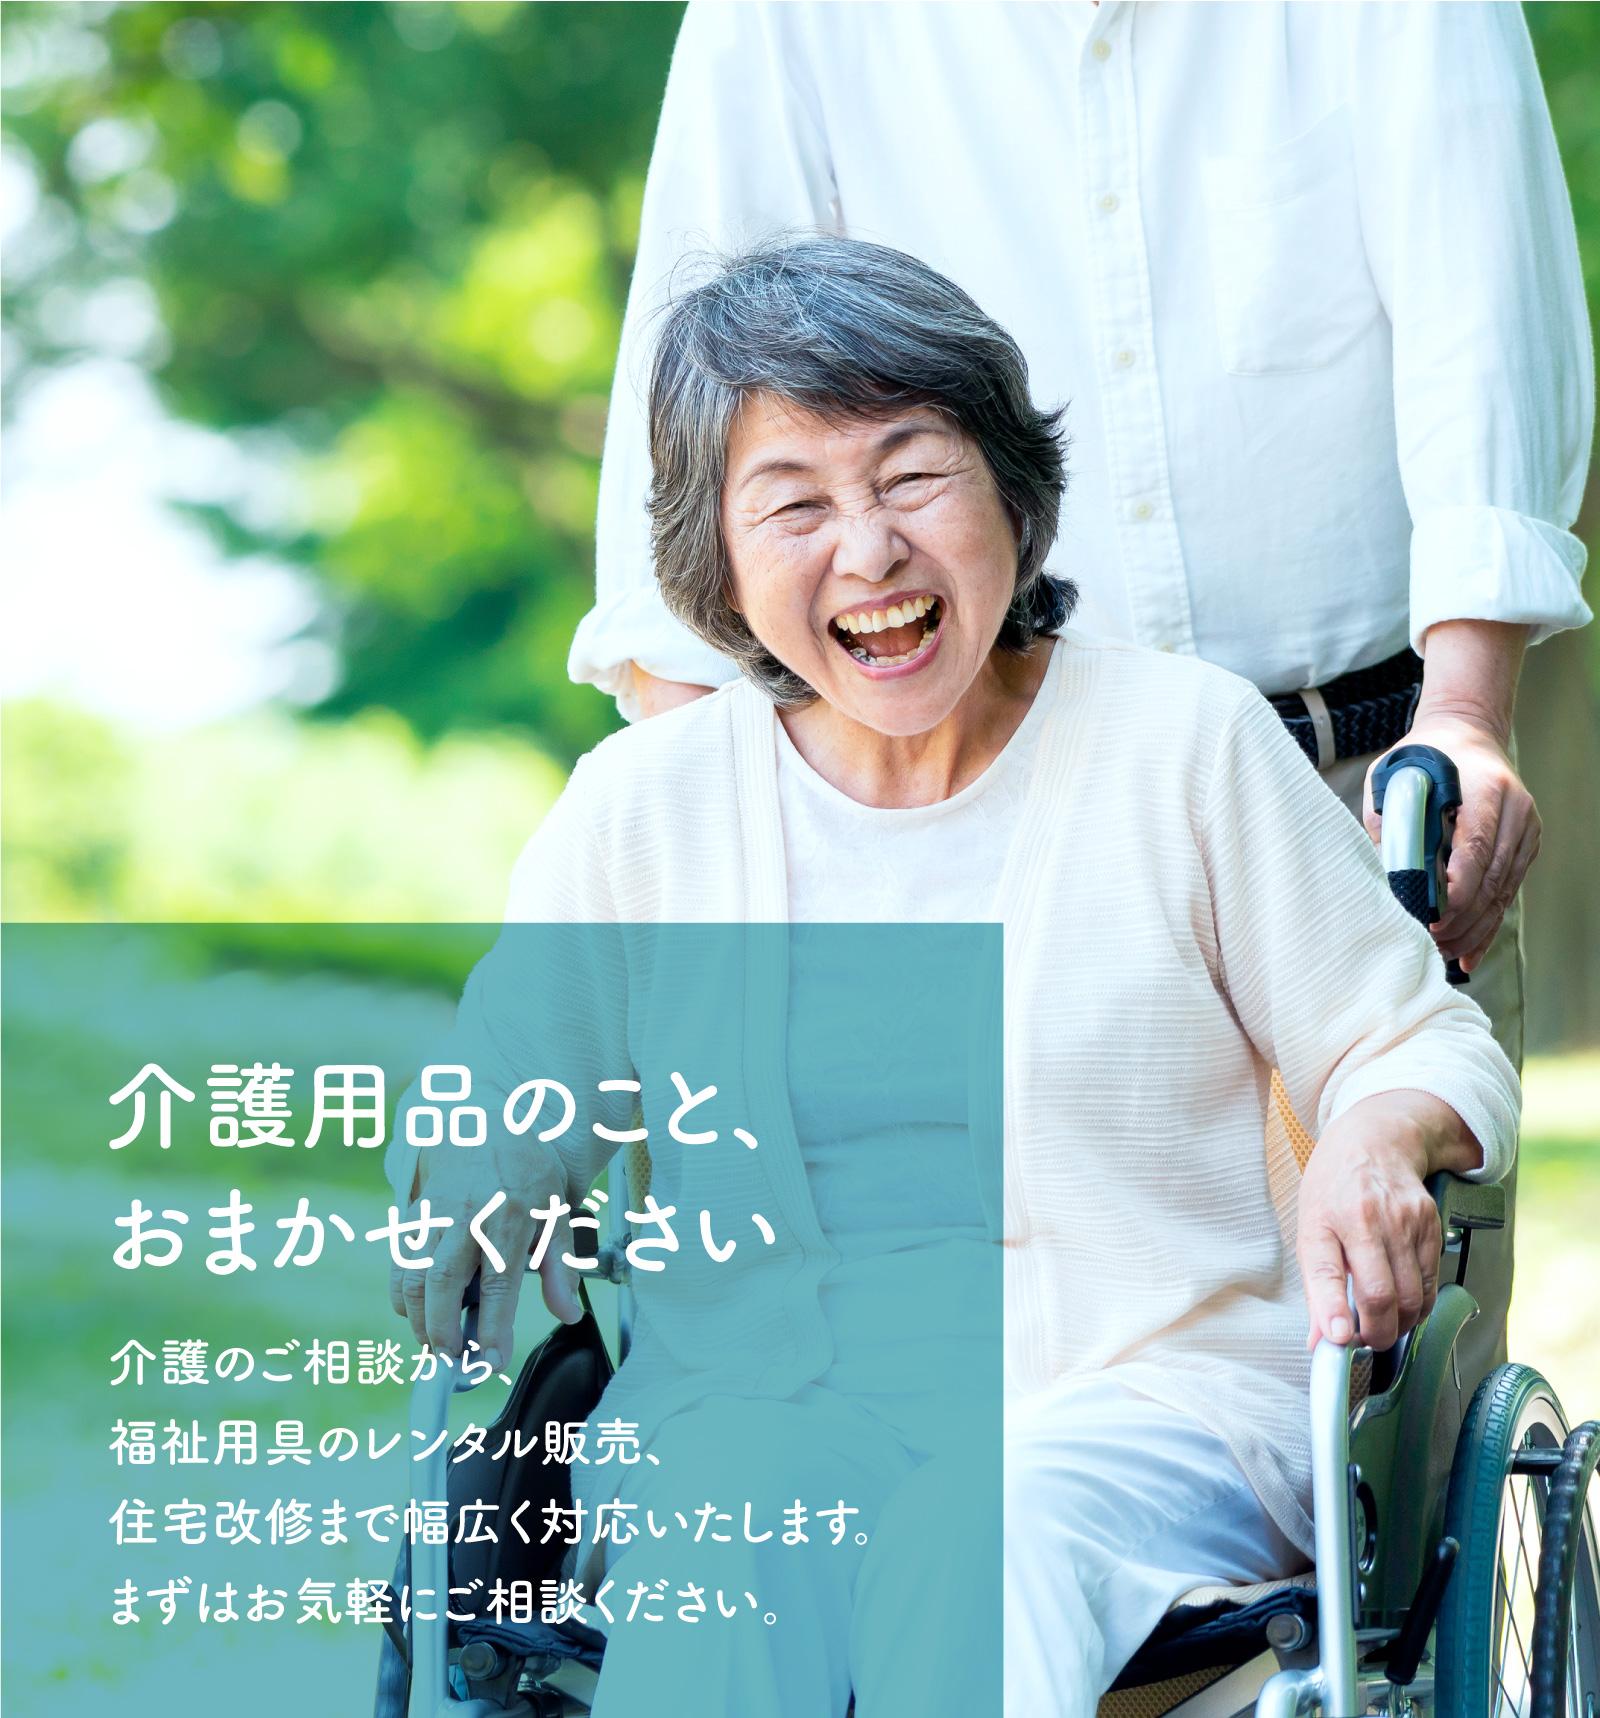 介護器具のこと、おまかせください 介護のご相談から、介護器具のレンタル販売、住宅改修まで幅広く対応いたします。まずはお気軽にご相談ください。